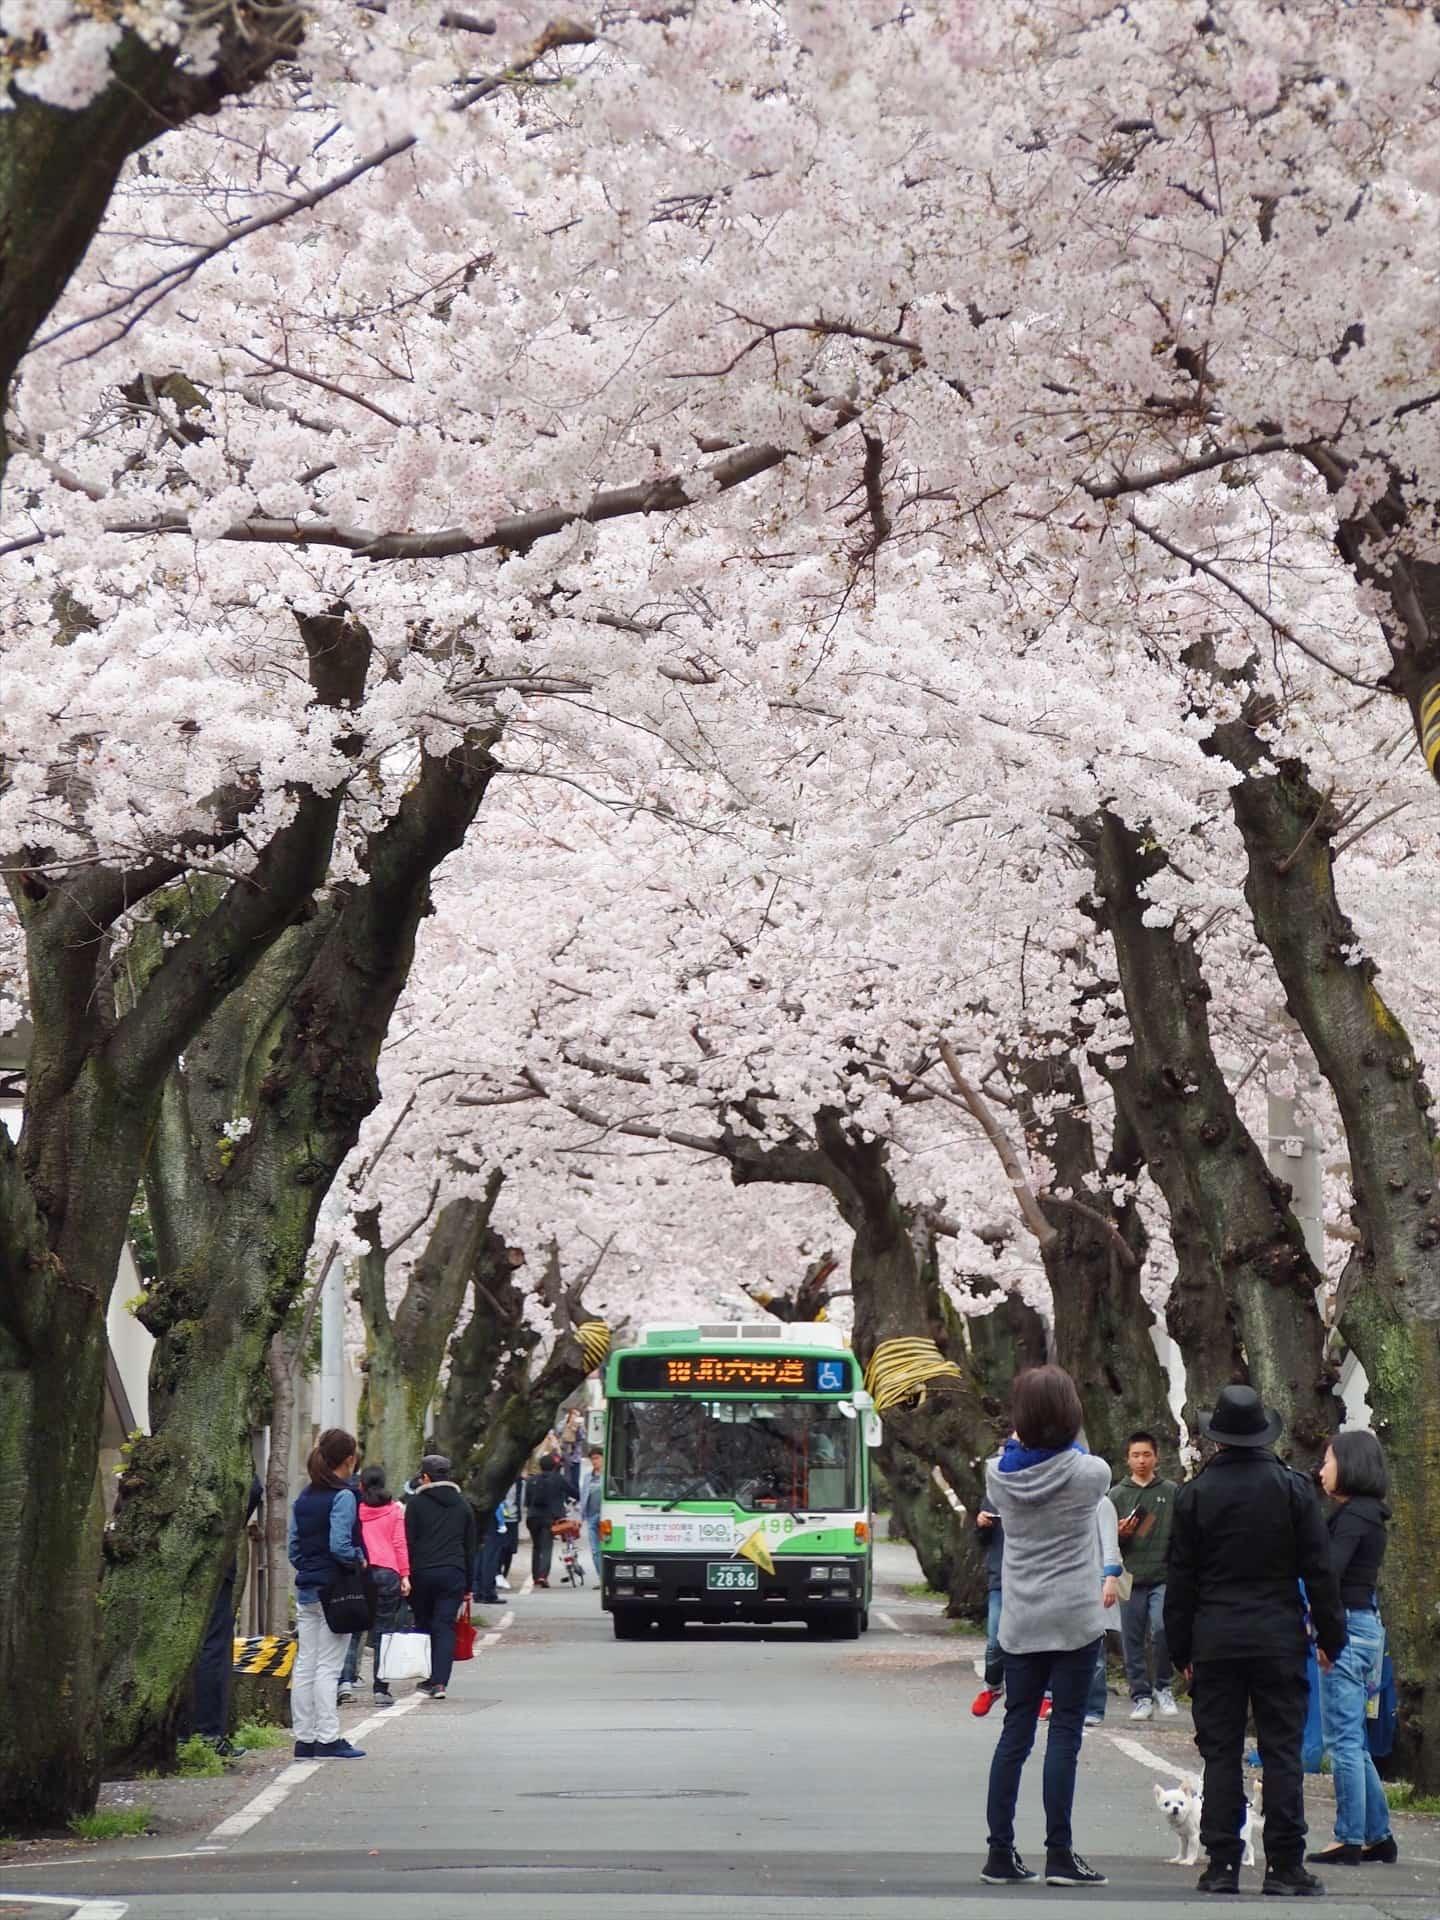 【2018年】神戸の桜まとめ🌸お花見・スイーツ・ナイトプール・ホテル・イベント…気になるものばかり!